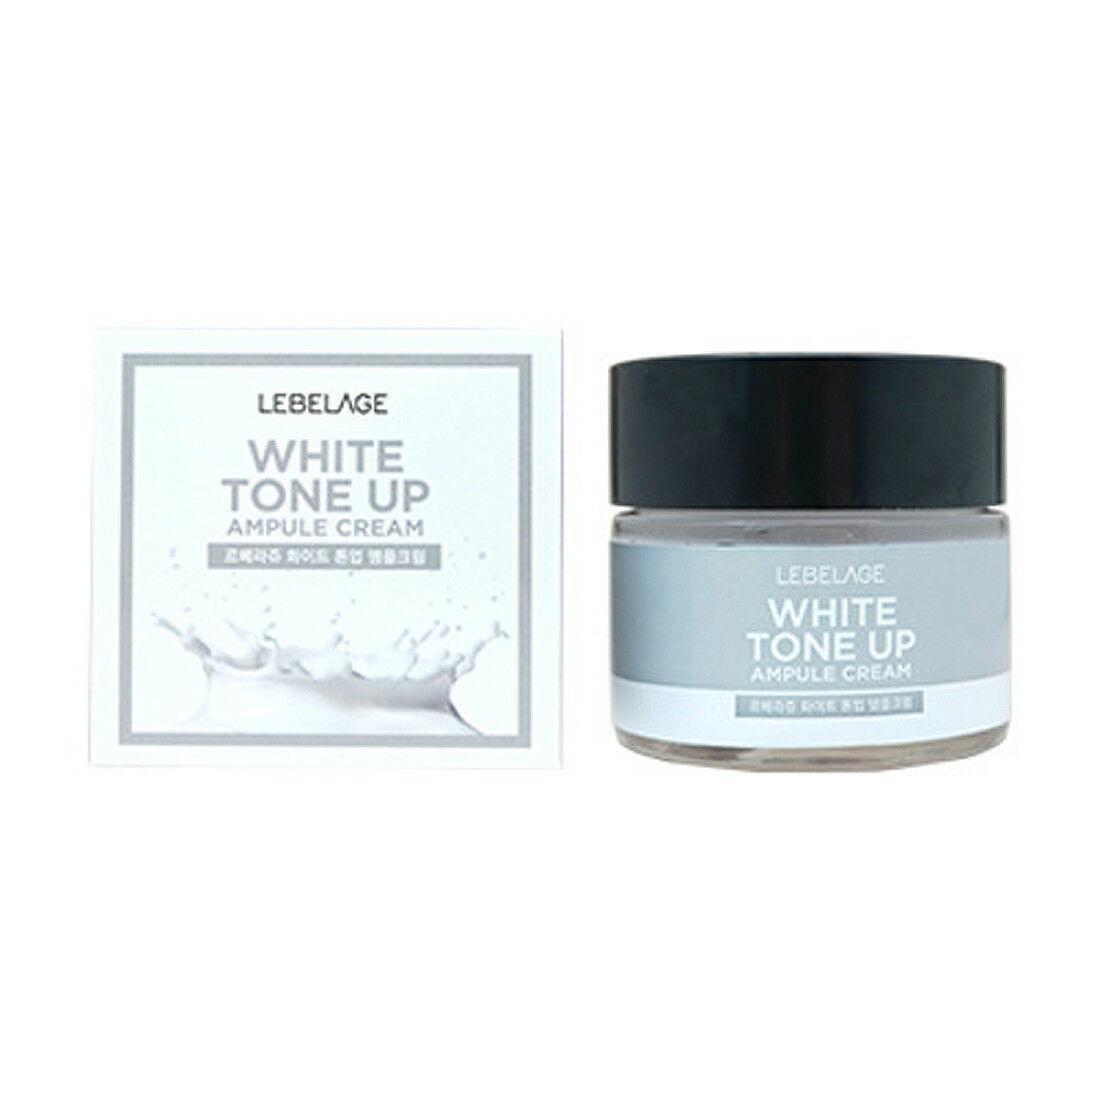 Крем вокруг глаз White Tone Up Eye Cream 70ml (Lebelage)